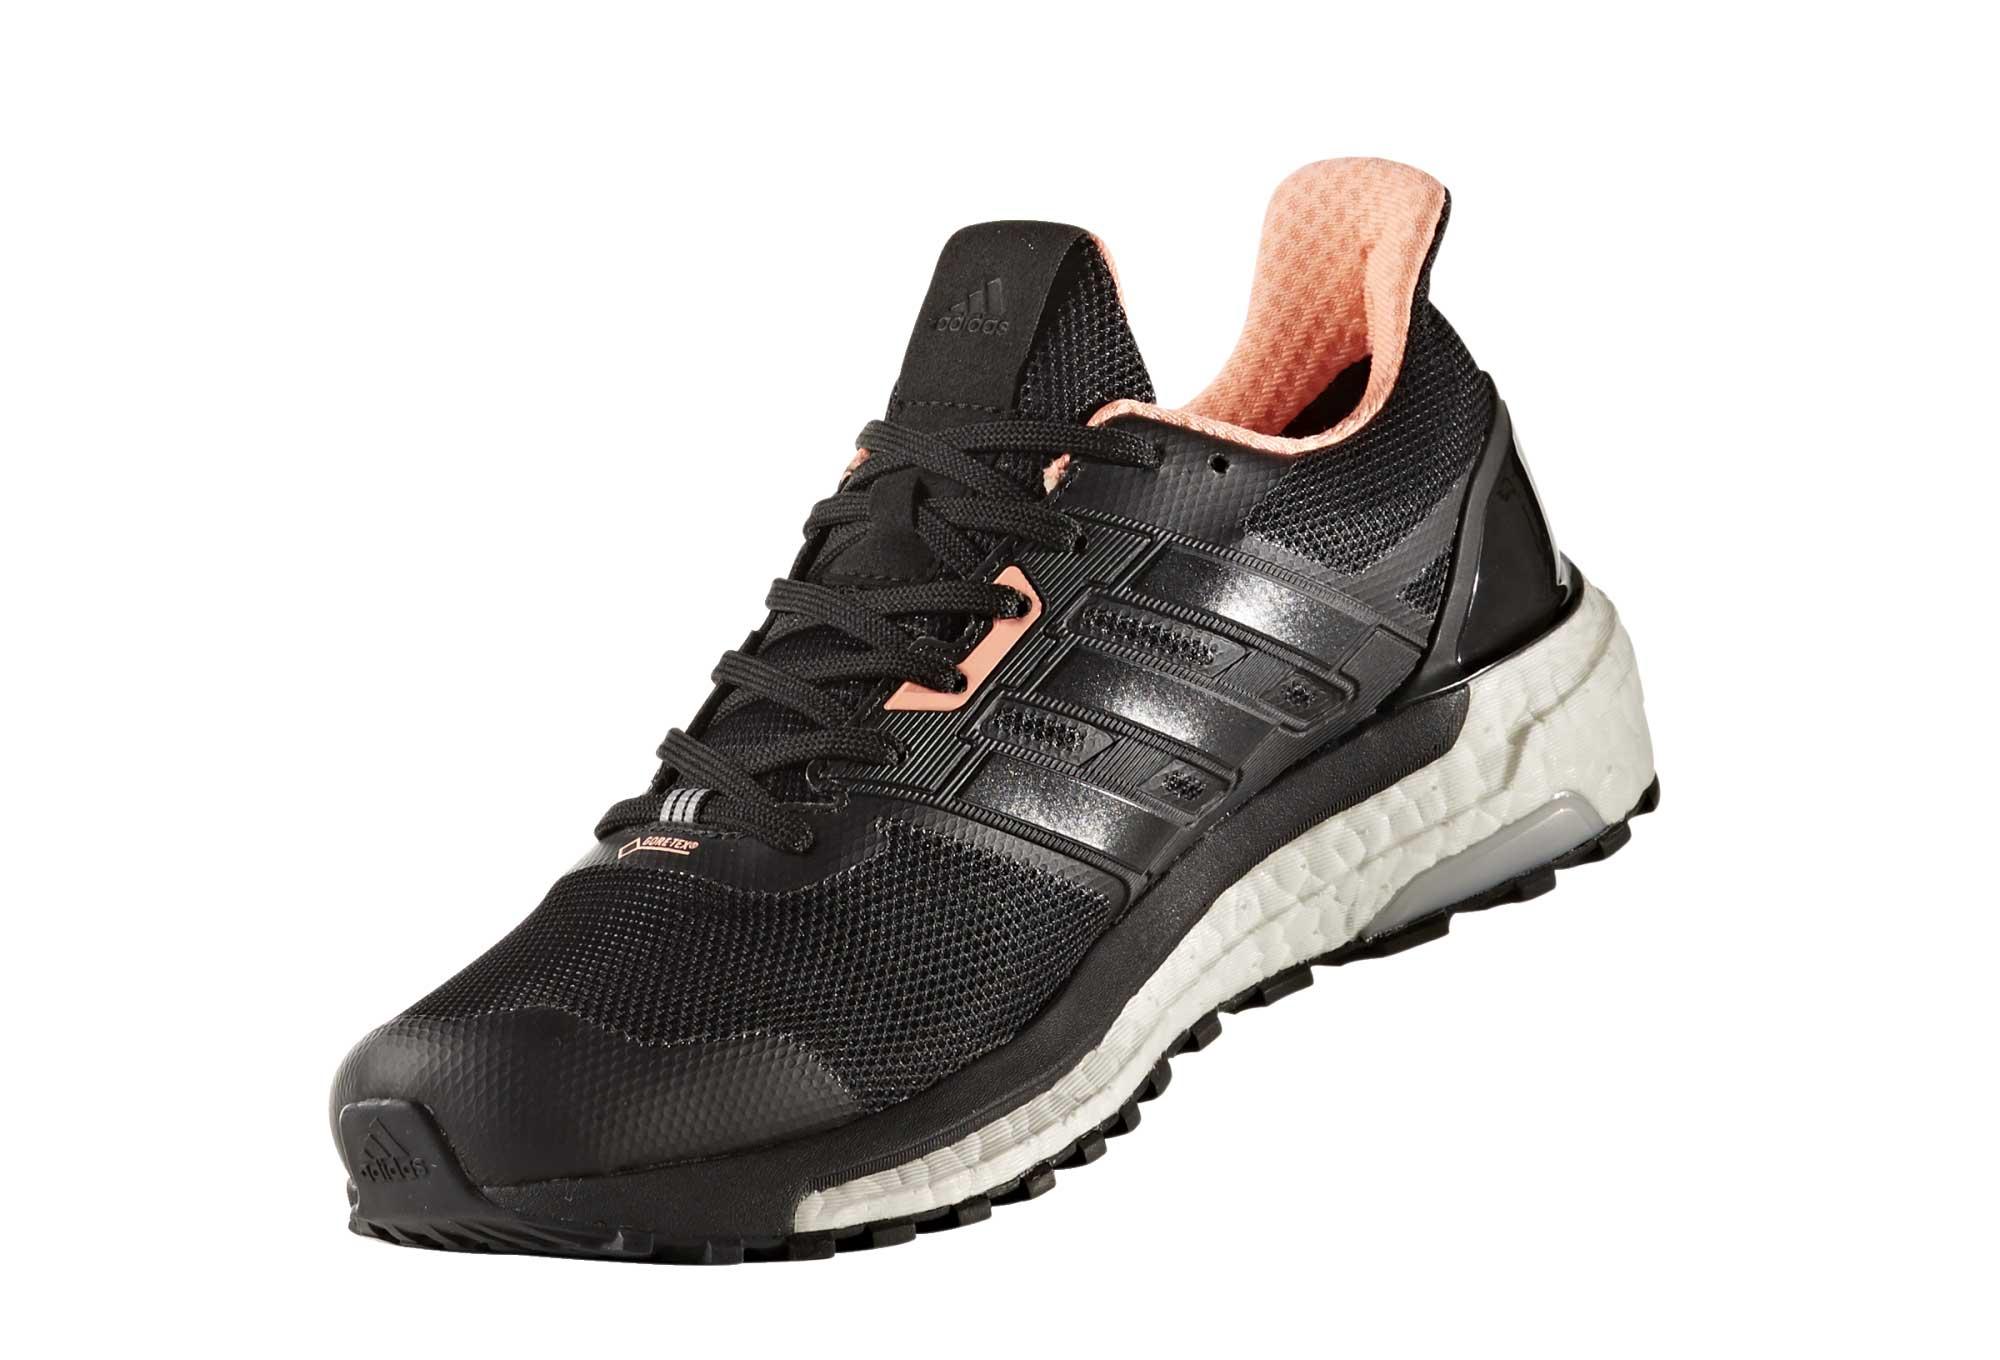 Chaussures de Running Femme adidas running Supernova Gore Tex Noir